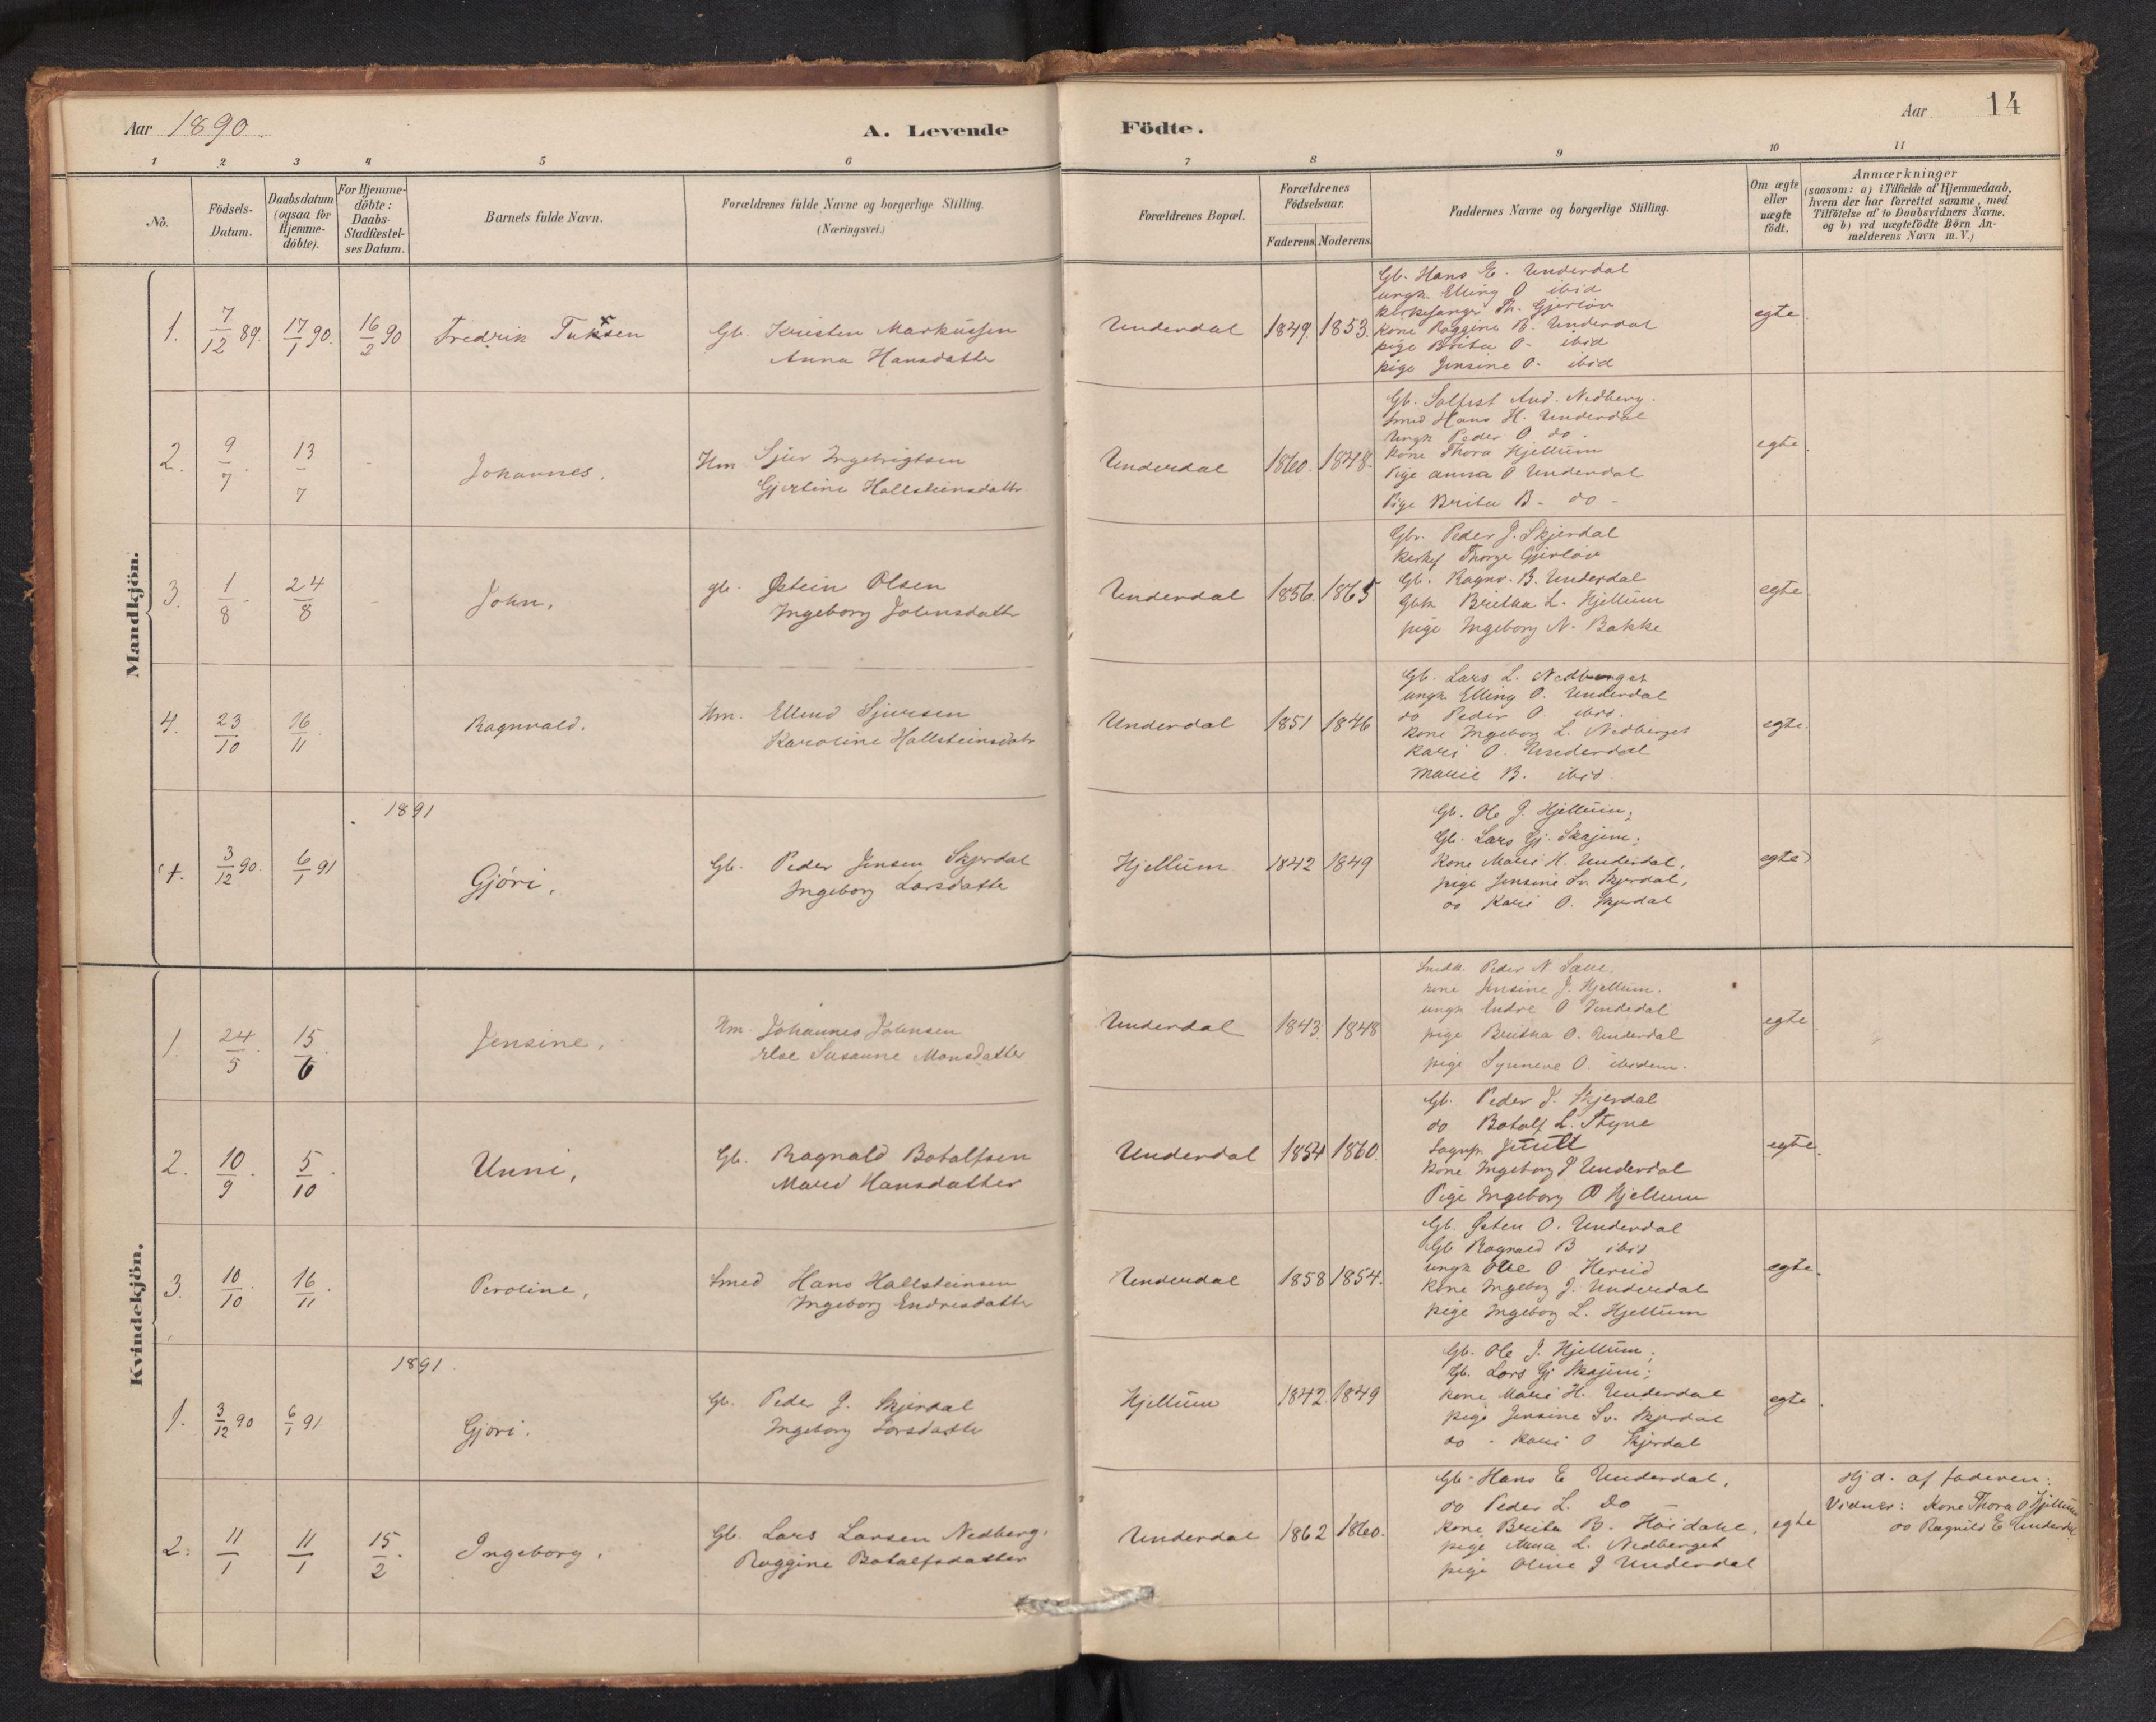 SAB, Aurland Sokneprestembete*, Ministerialbok nr. E 1, 1880-1907, s. 13b-14a